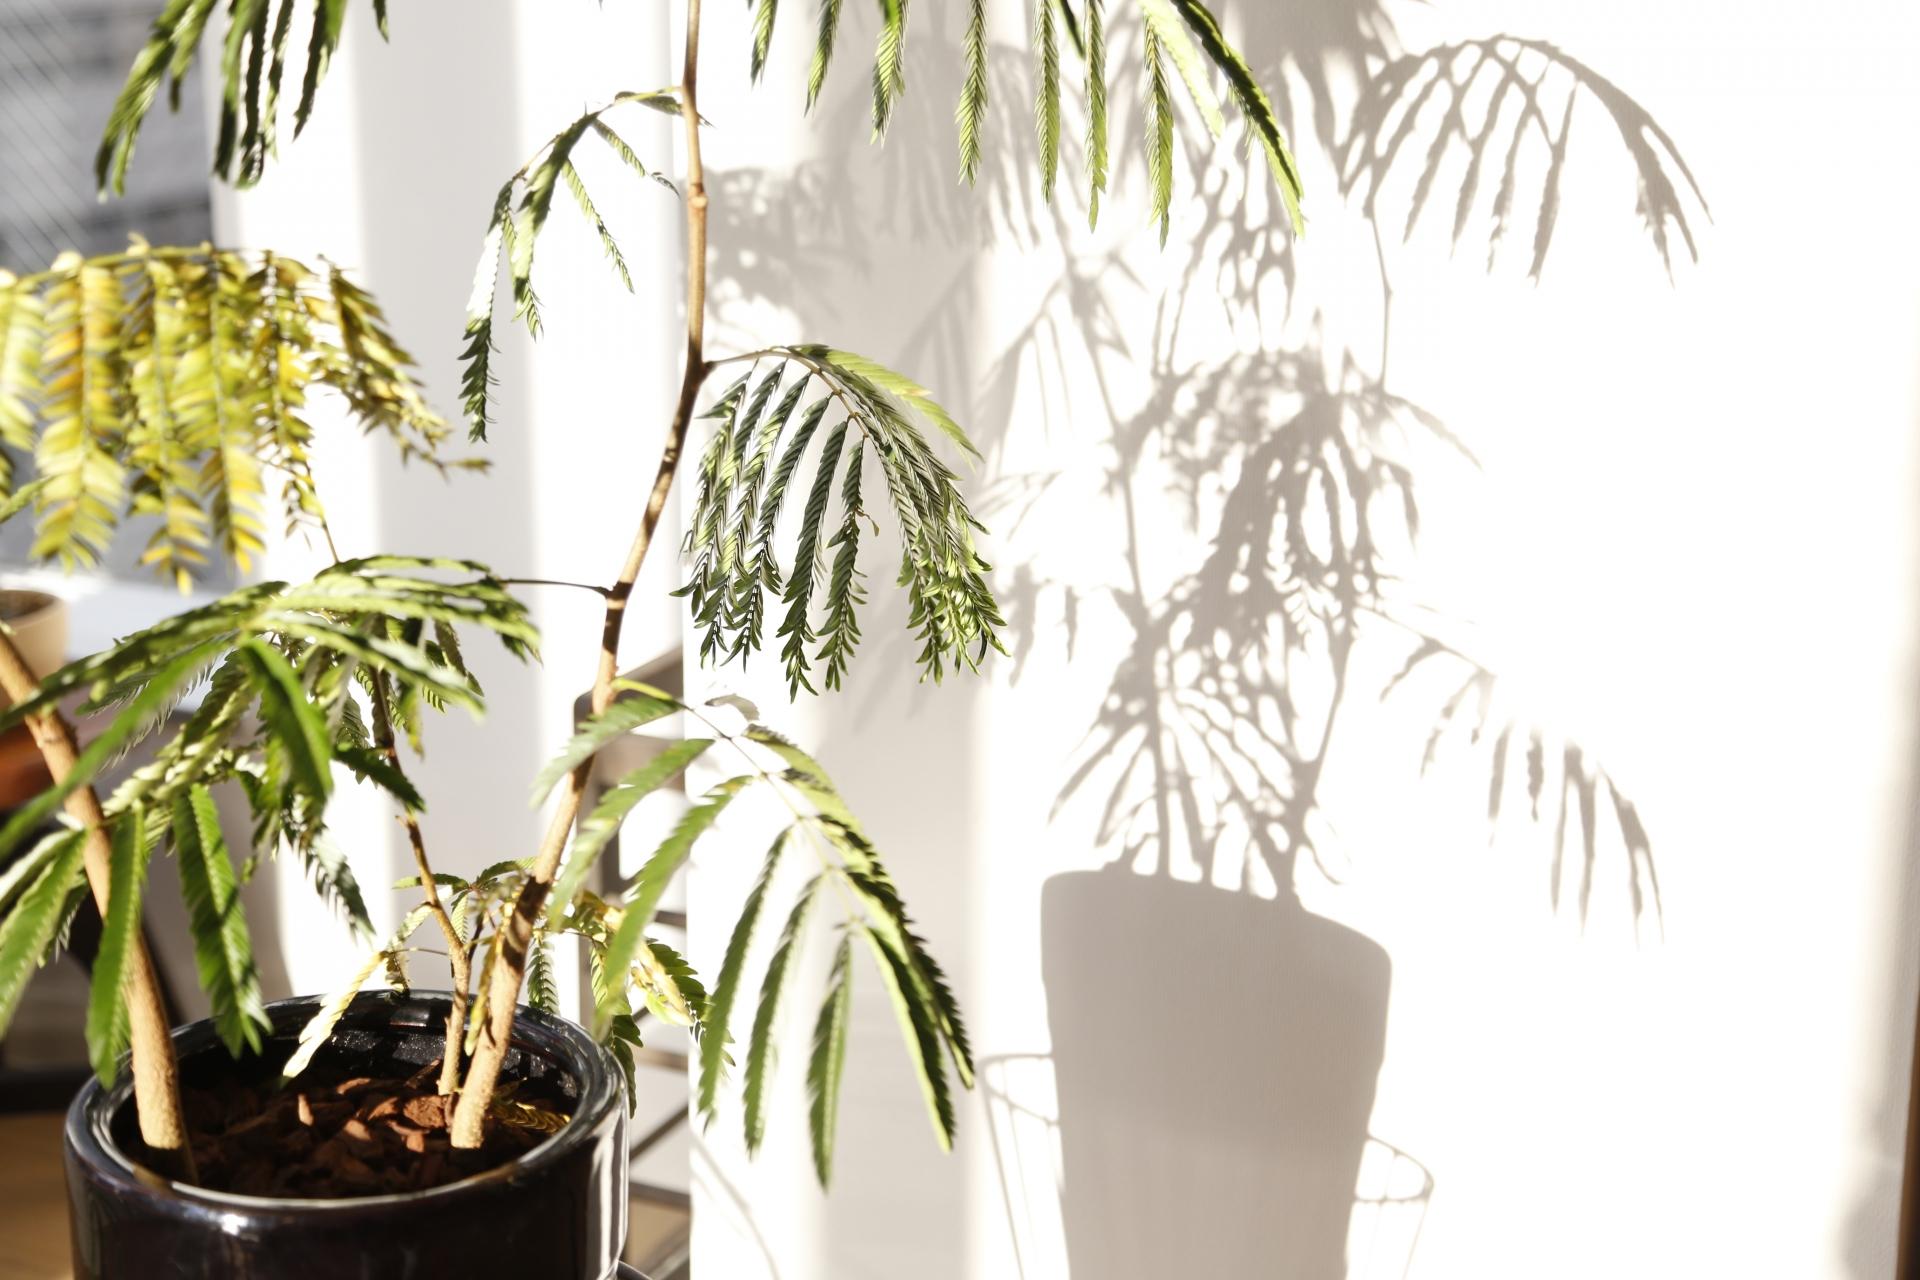 観葉植物にキノコを生やさないための対策